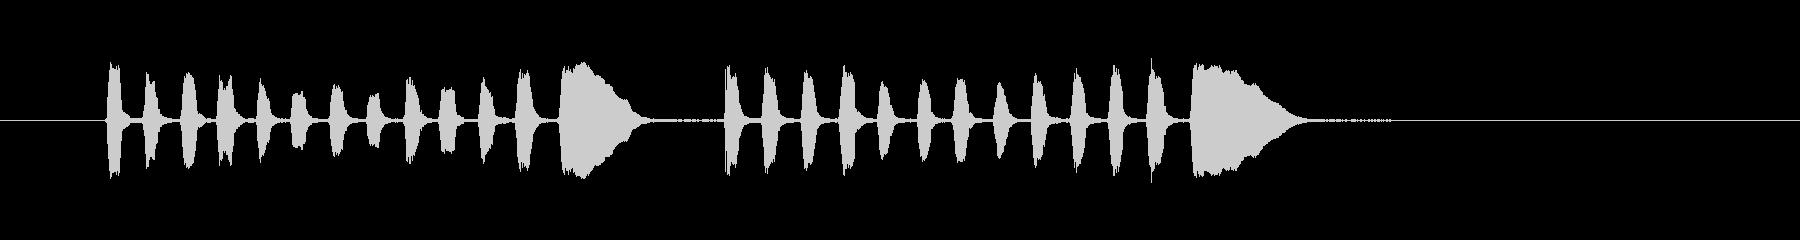 ラッパダブルコール-軍事、ラッパコ...の未再生の波形